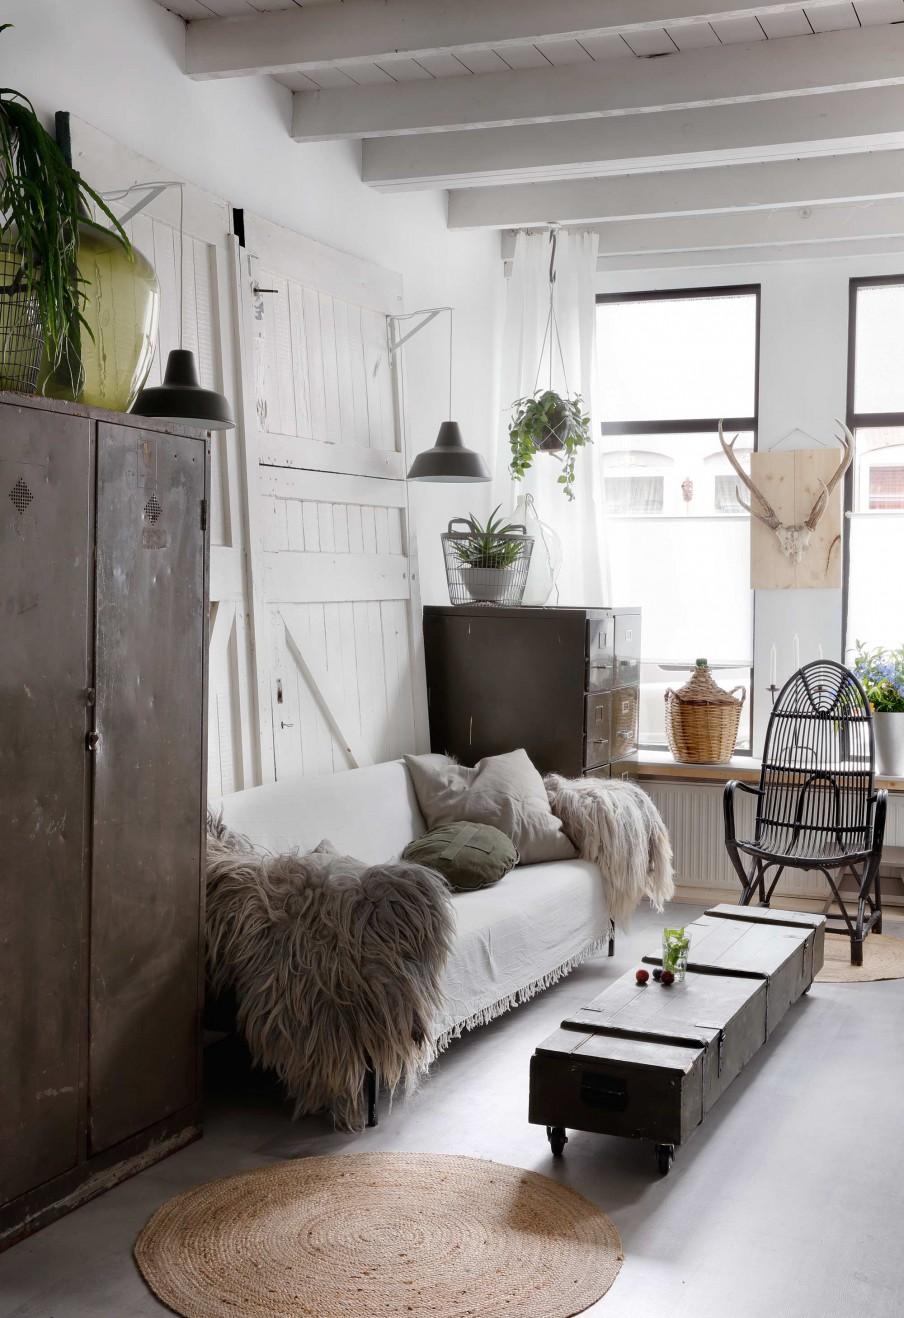 salon, estilo industrial, nordico, verde, militar, taquilla, cojin, funda cojin, cojines, manta, puerta decorativa, lampara